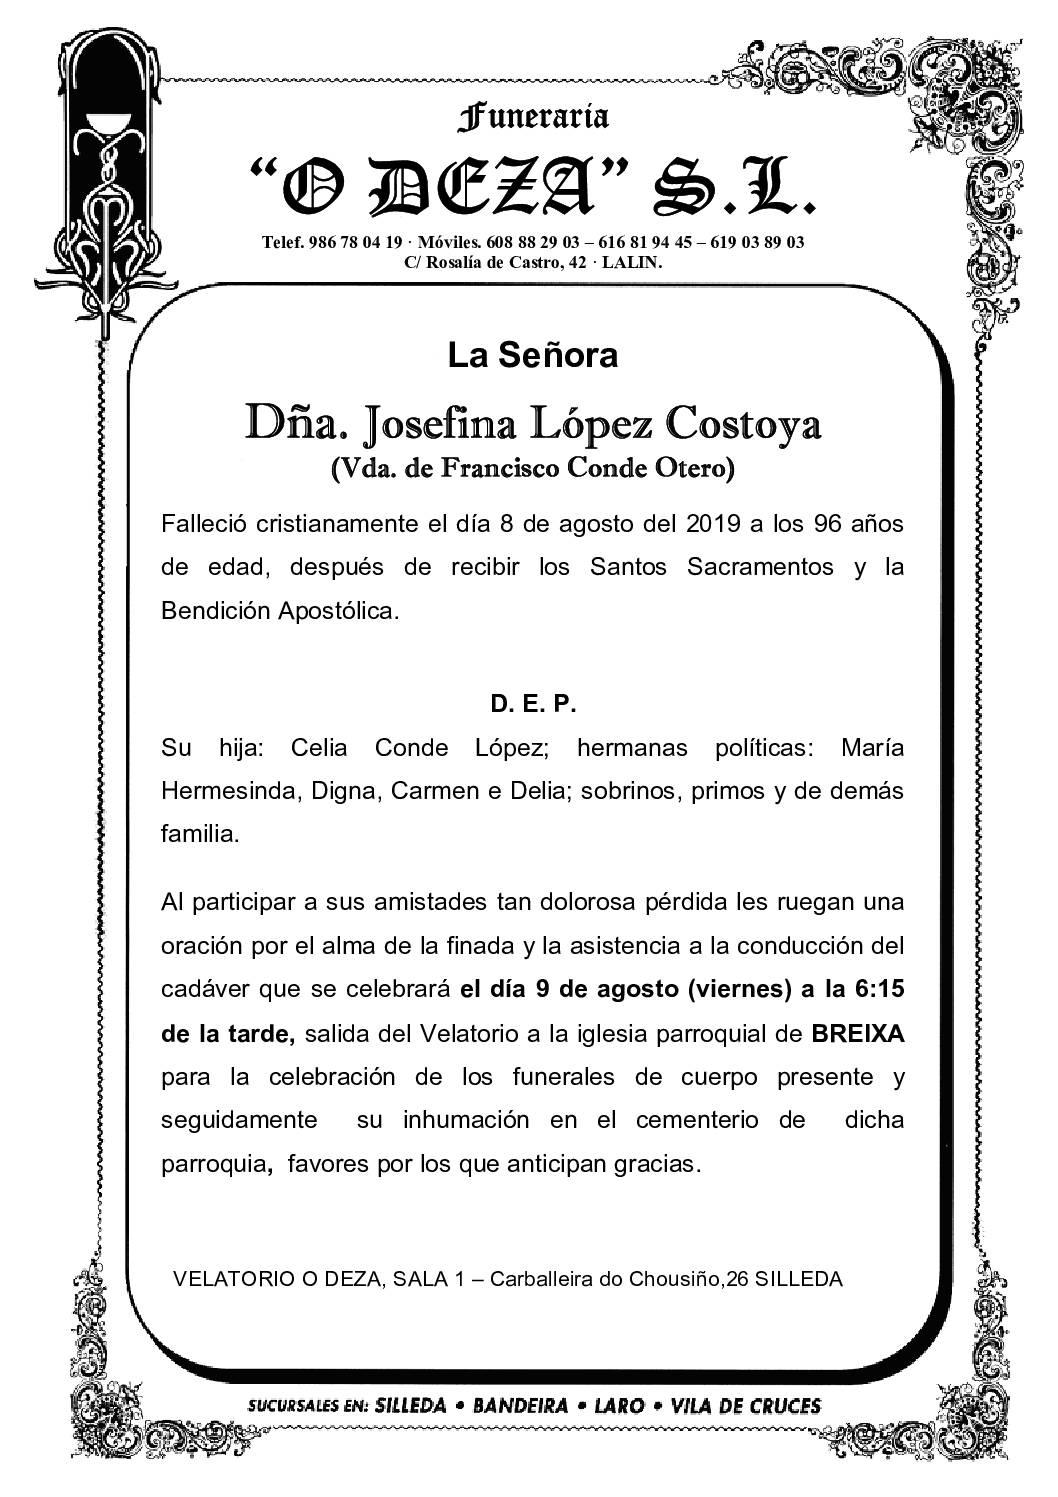 DÑA. JOSEFINA LÓPEZ COSTOYA